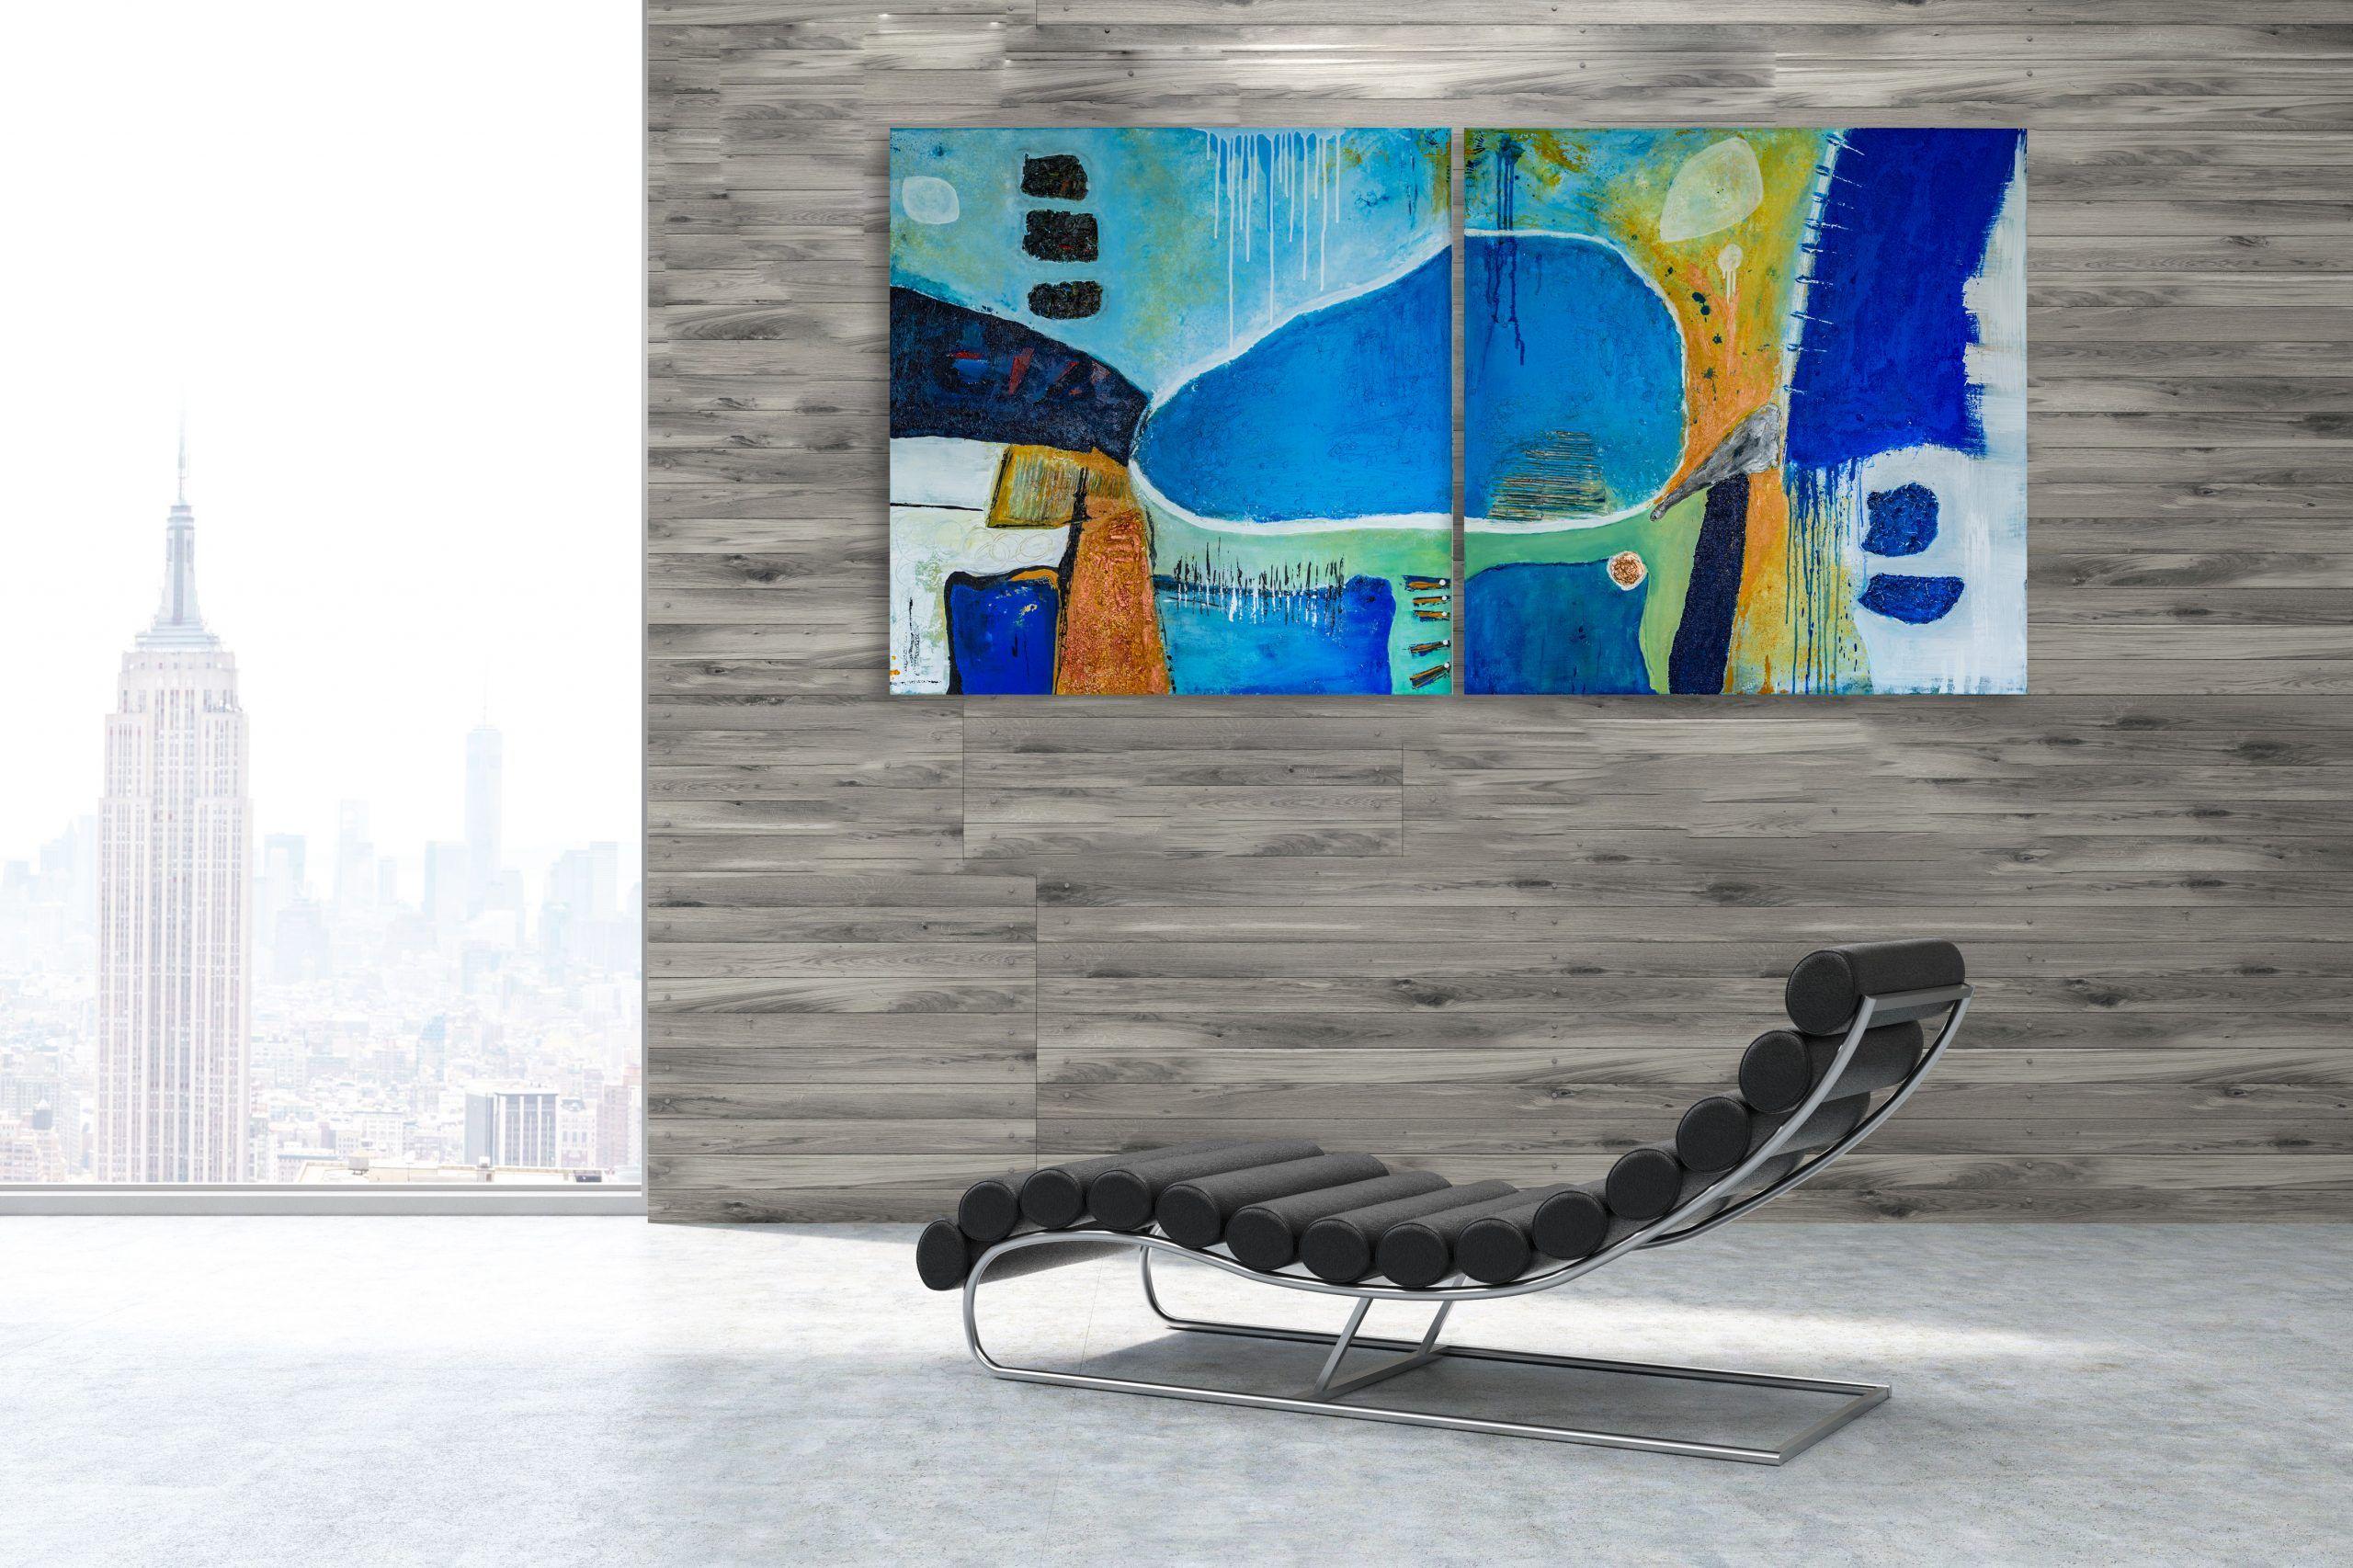 shopabstrakte malerei moderne abstrakte kunst online kaufen preishammer bis zu 70 rabatt w bilder gemälde modern art nationales museum für zeitgenössische